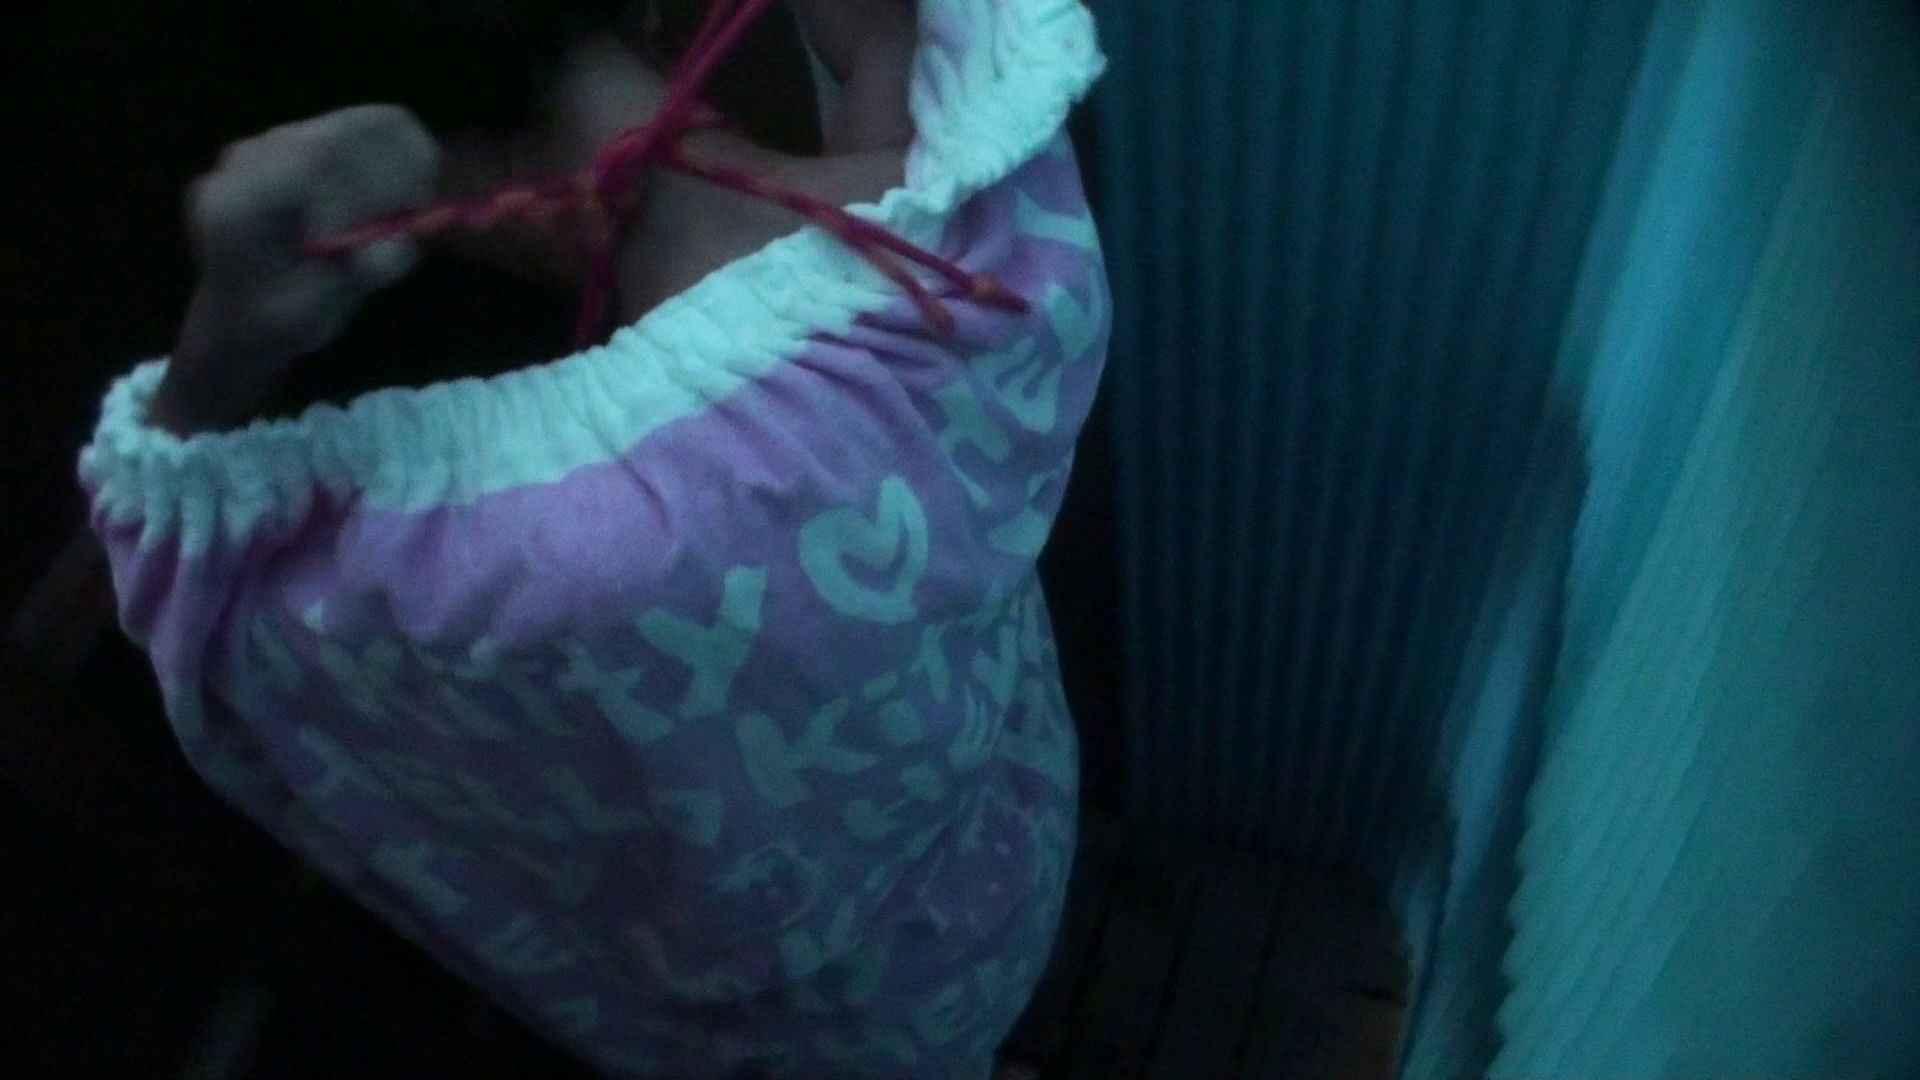 シャワールームは超!!危険な香りVol.26 大学生風美形ギャル 暗さが残念! ギャルのエロ動画  95画像 28